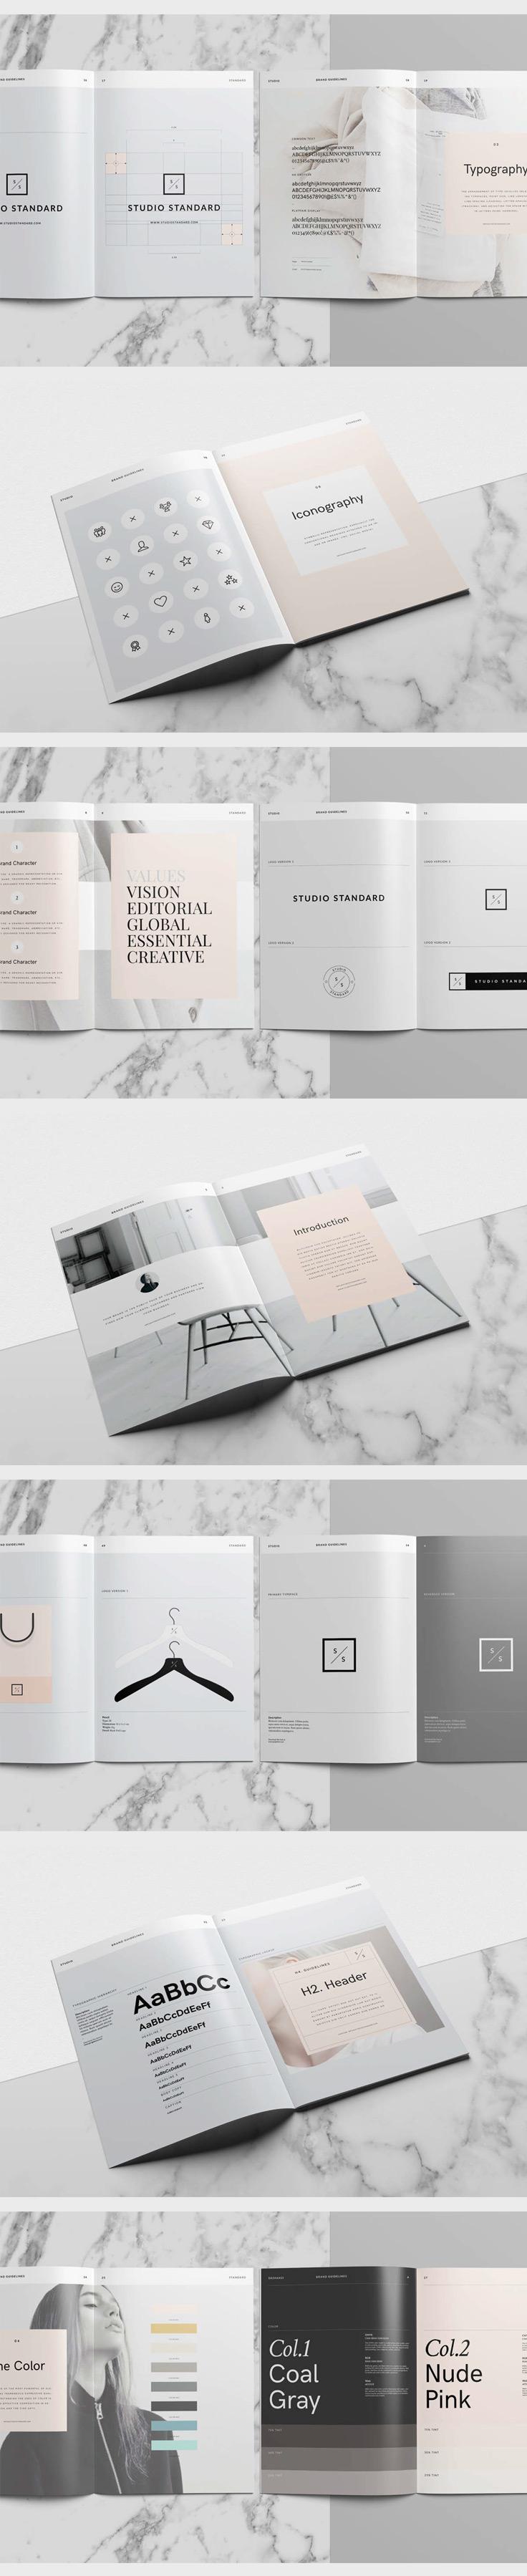 Design Guidelines Studio Standards from Abduzeedo